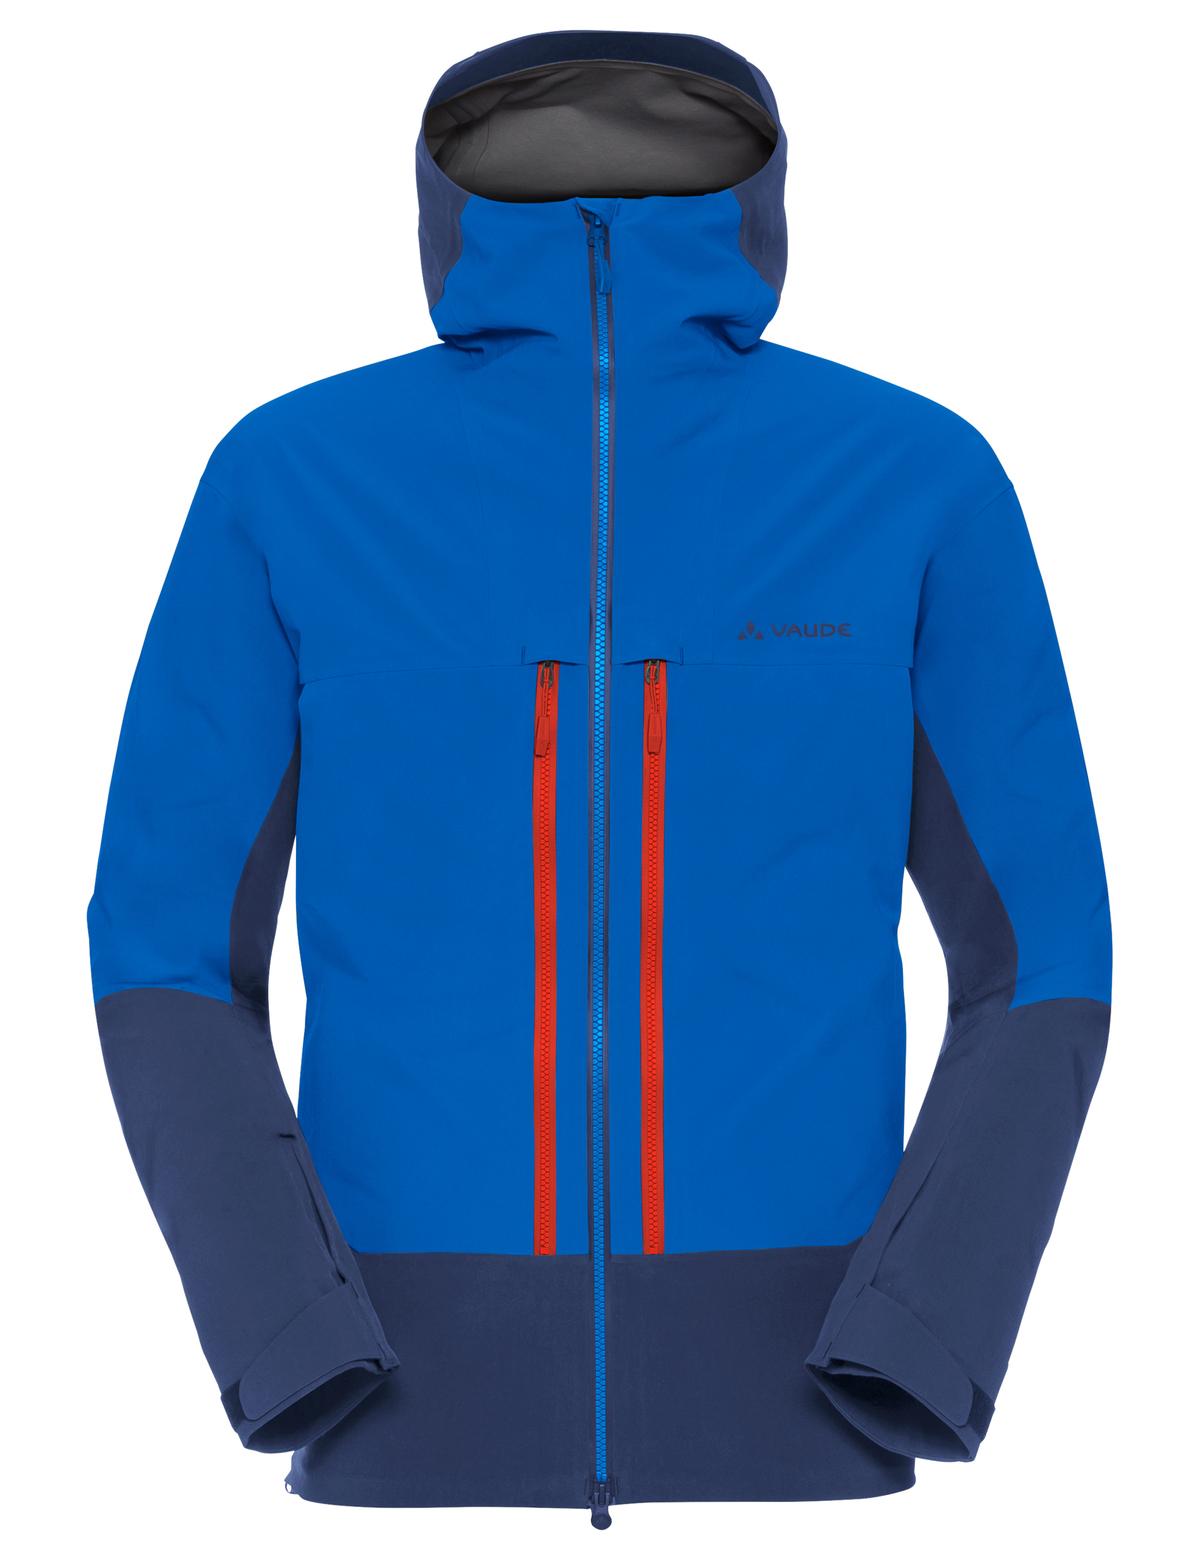 [amazon.it] Vaude Men's Shuksan 3L Jacket Größe M (auch andere Größen)